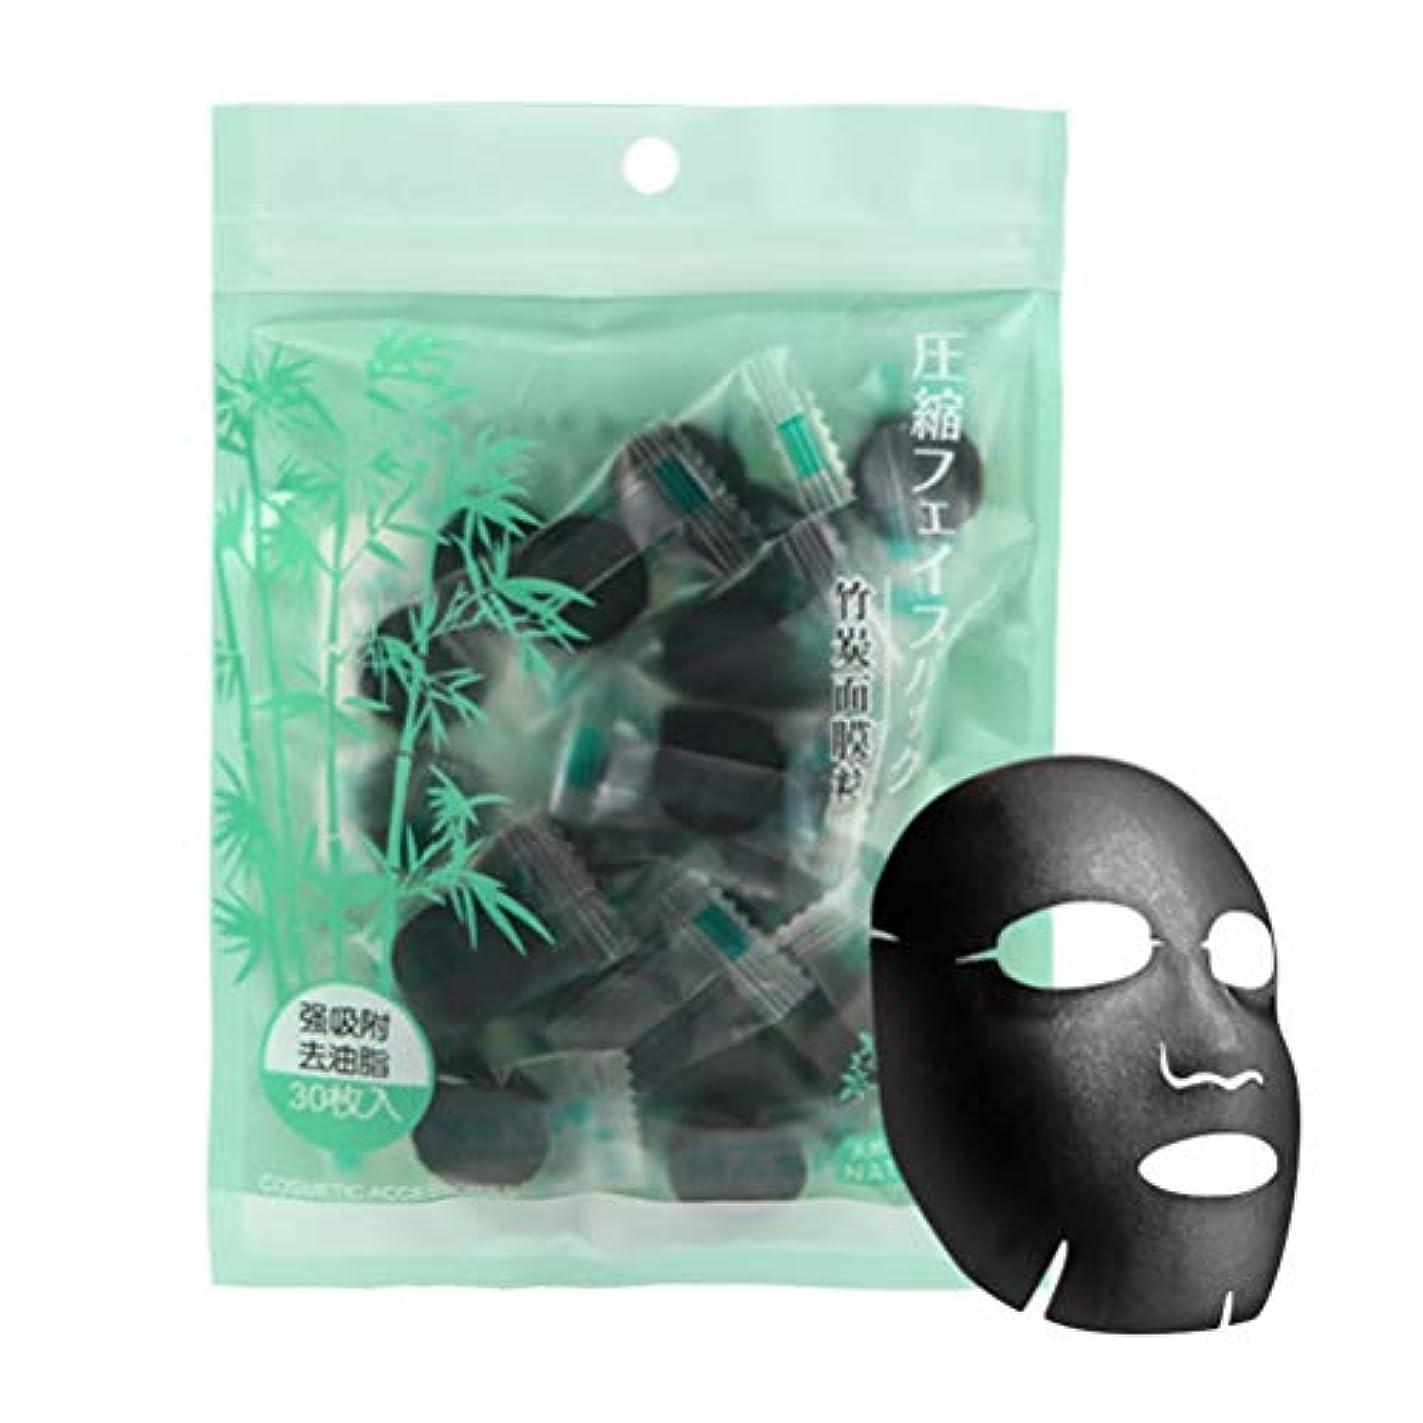 ホイストパケット同性愛者HEALLILY 30ピース使い捨てフェイシャルマスクDIY天然竹炭圧縮フェイシャルマスクシートスキンケアマスク